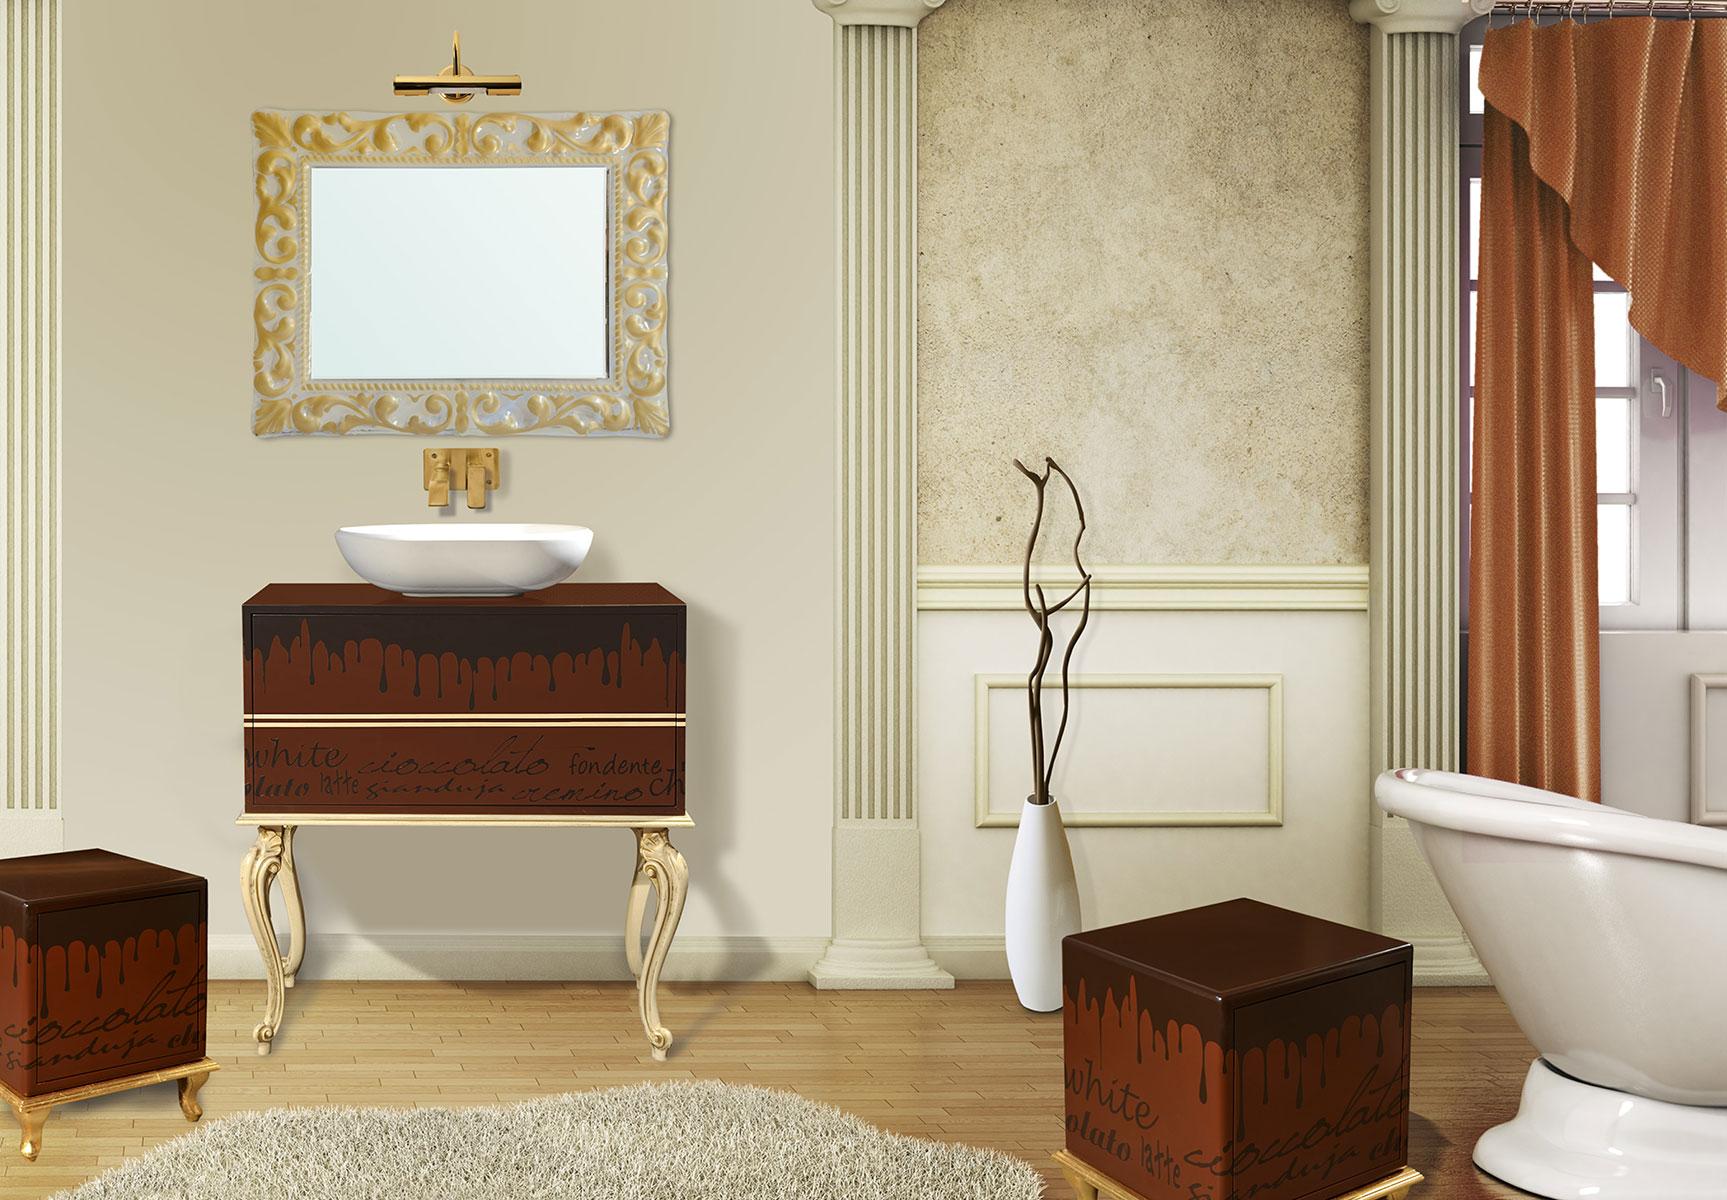 La bussola arredamenti bagni retr - Arredo bagno classico elegante prezzi ...